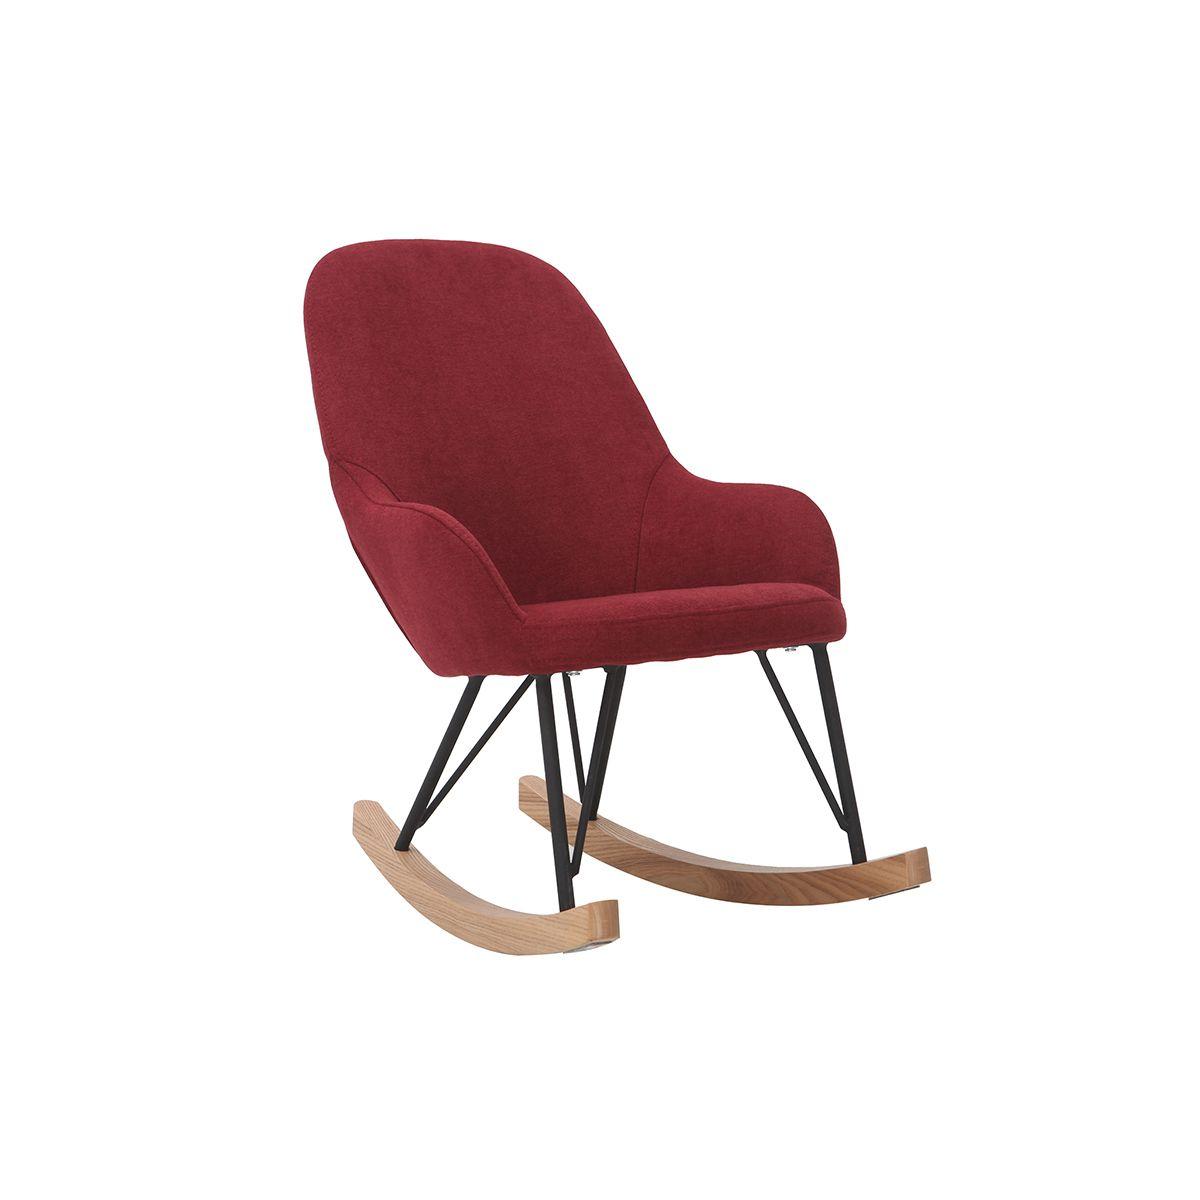 Poltrona – sedia a dondolo per bambini bordeaux piedi in metallo e legno JHENE Arredo cameretta e accessori